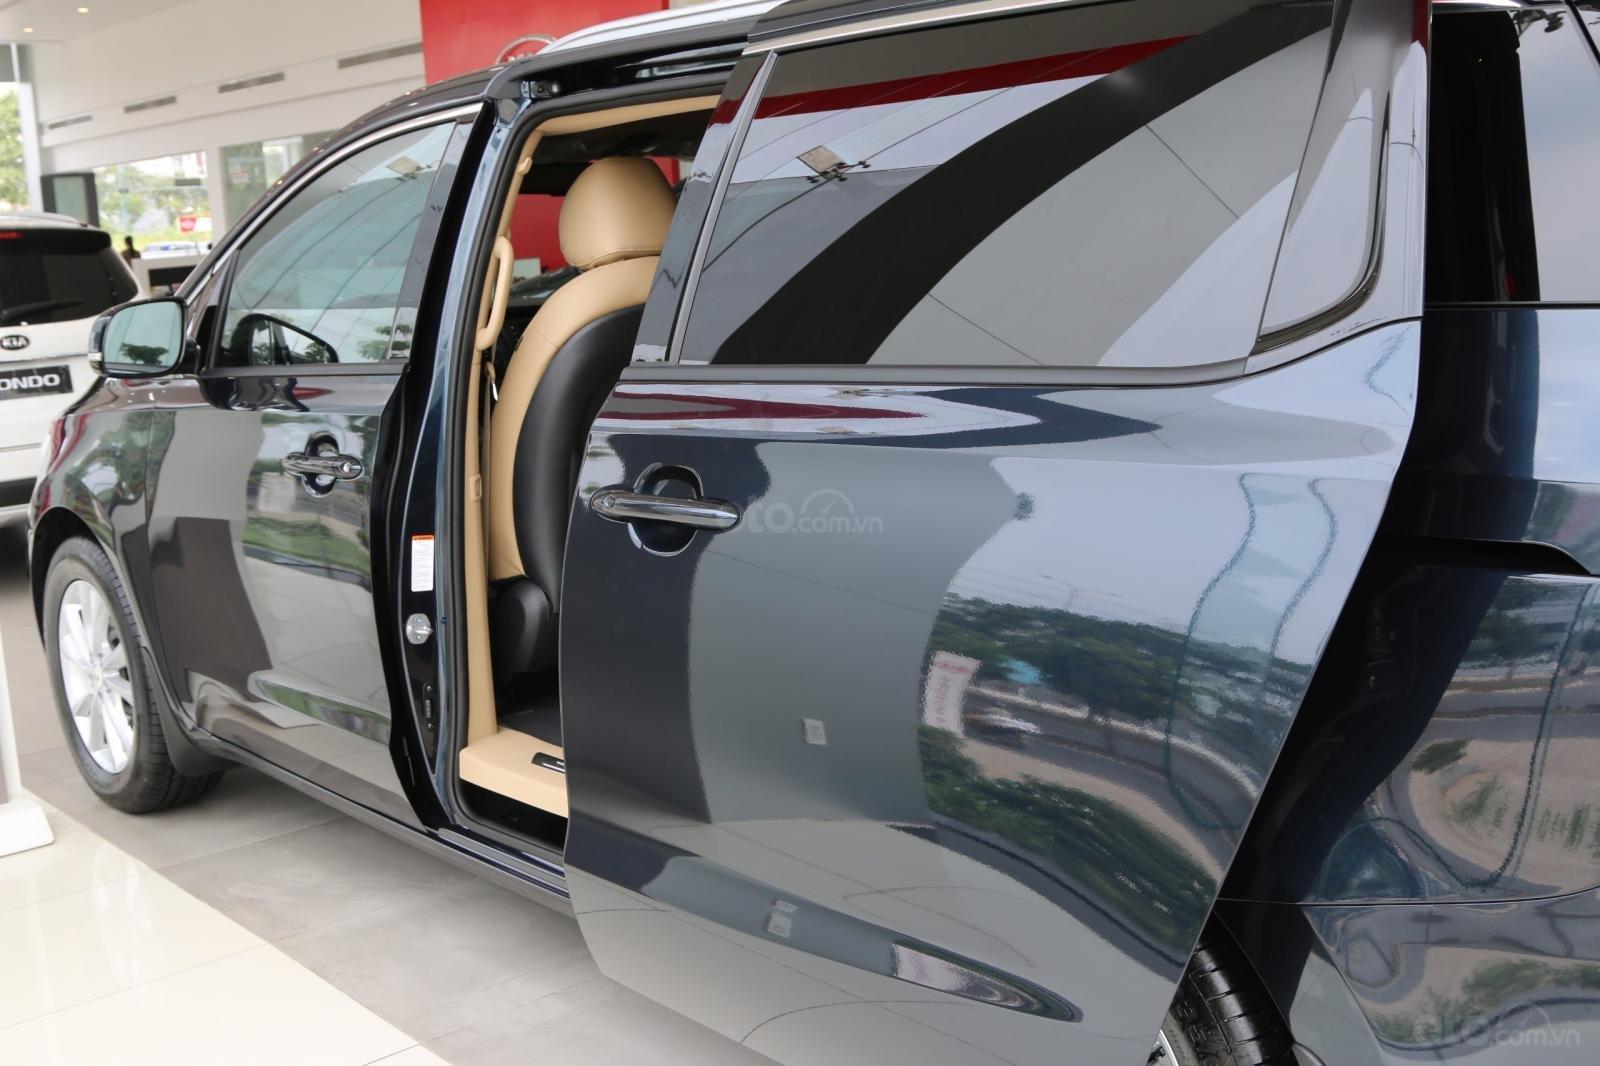 Kia Sedona - giảm giá tiền mặt / tặng bảo hiểm + camera hành trình - liên hệ PKD Kia Bình Tân 093 317 0660 (6)